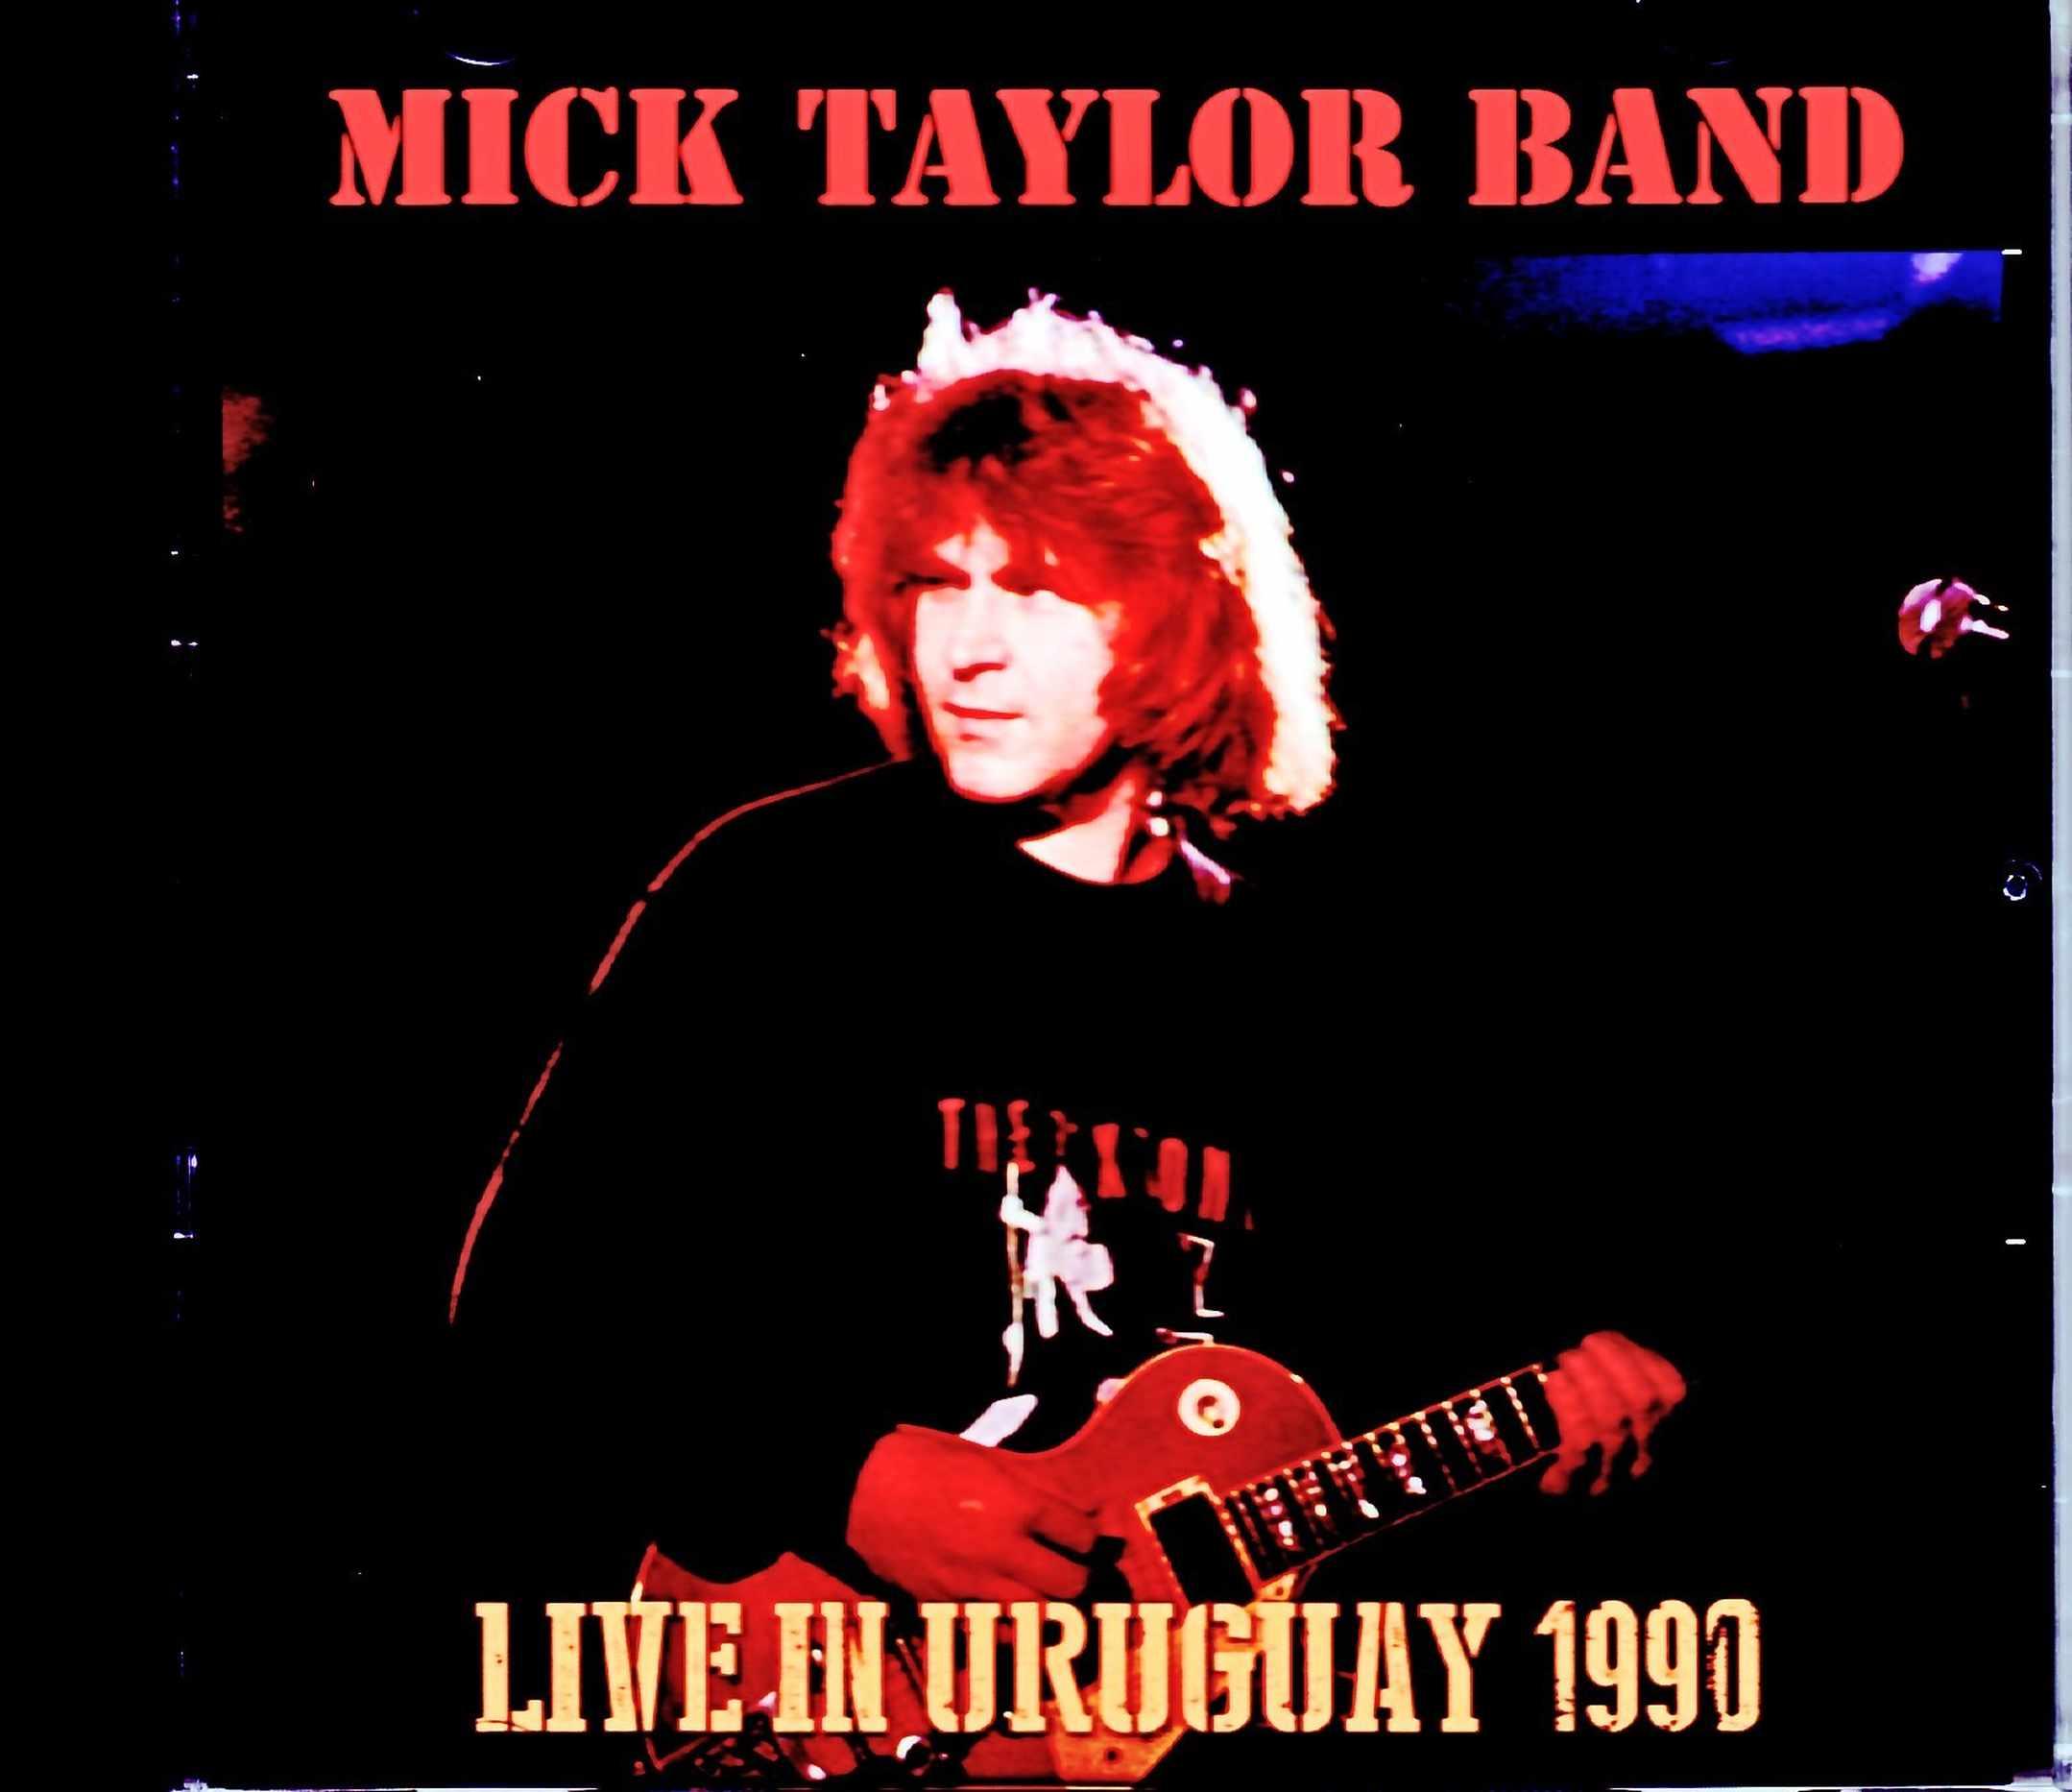 Mick Taylor Band ミック・テイラー/Uruguay 1990